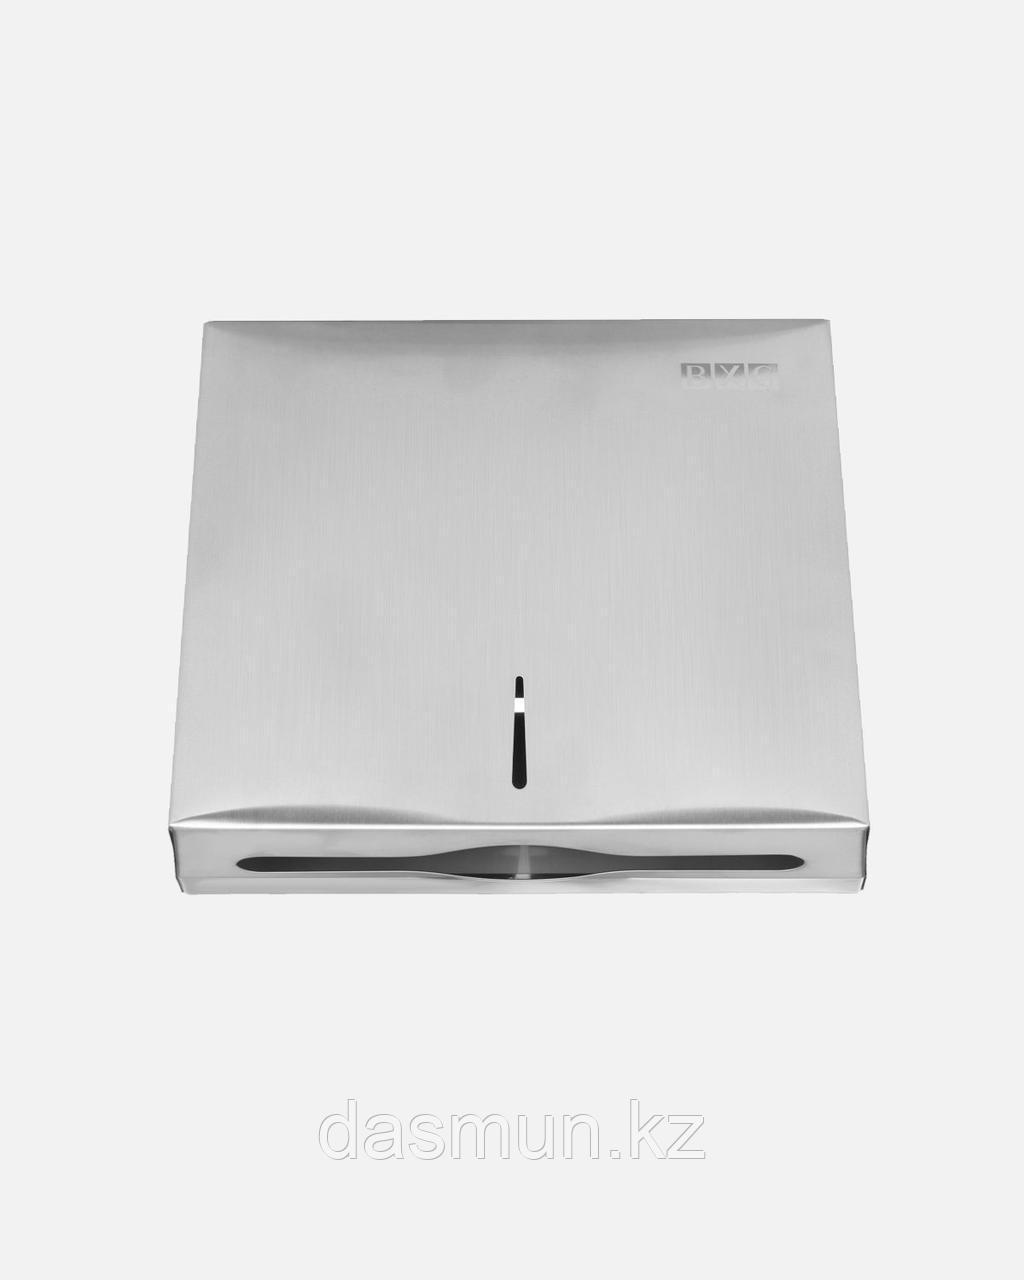 Диспенсер для листовых бумажный полотенец Z укладки Almacom PD-QG-MP3